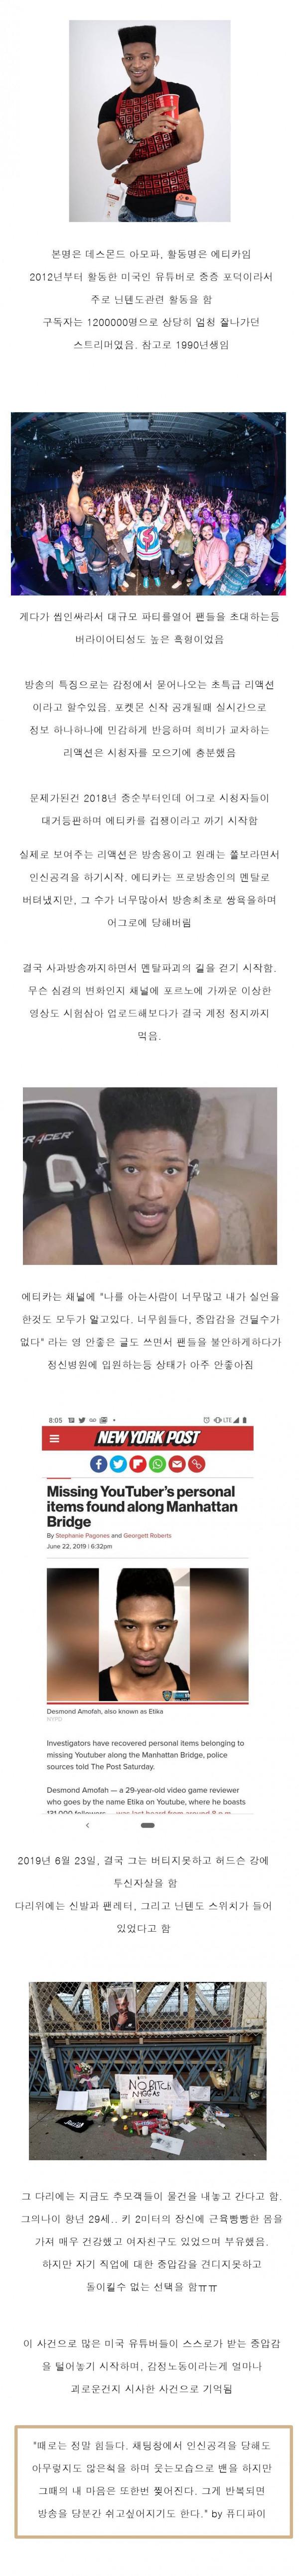 감정 노동에 지친 유튜버의 최후 - 꾸르